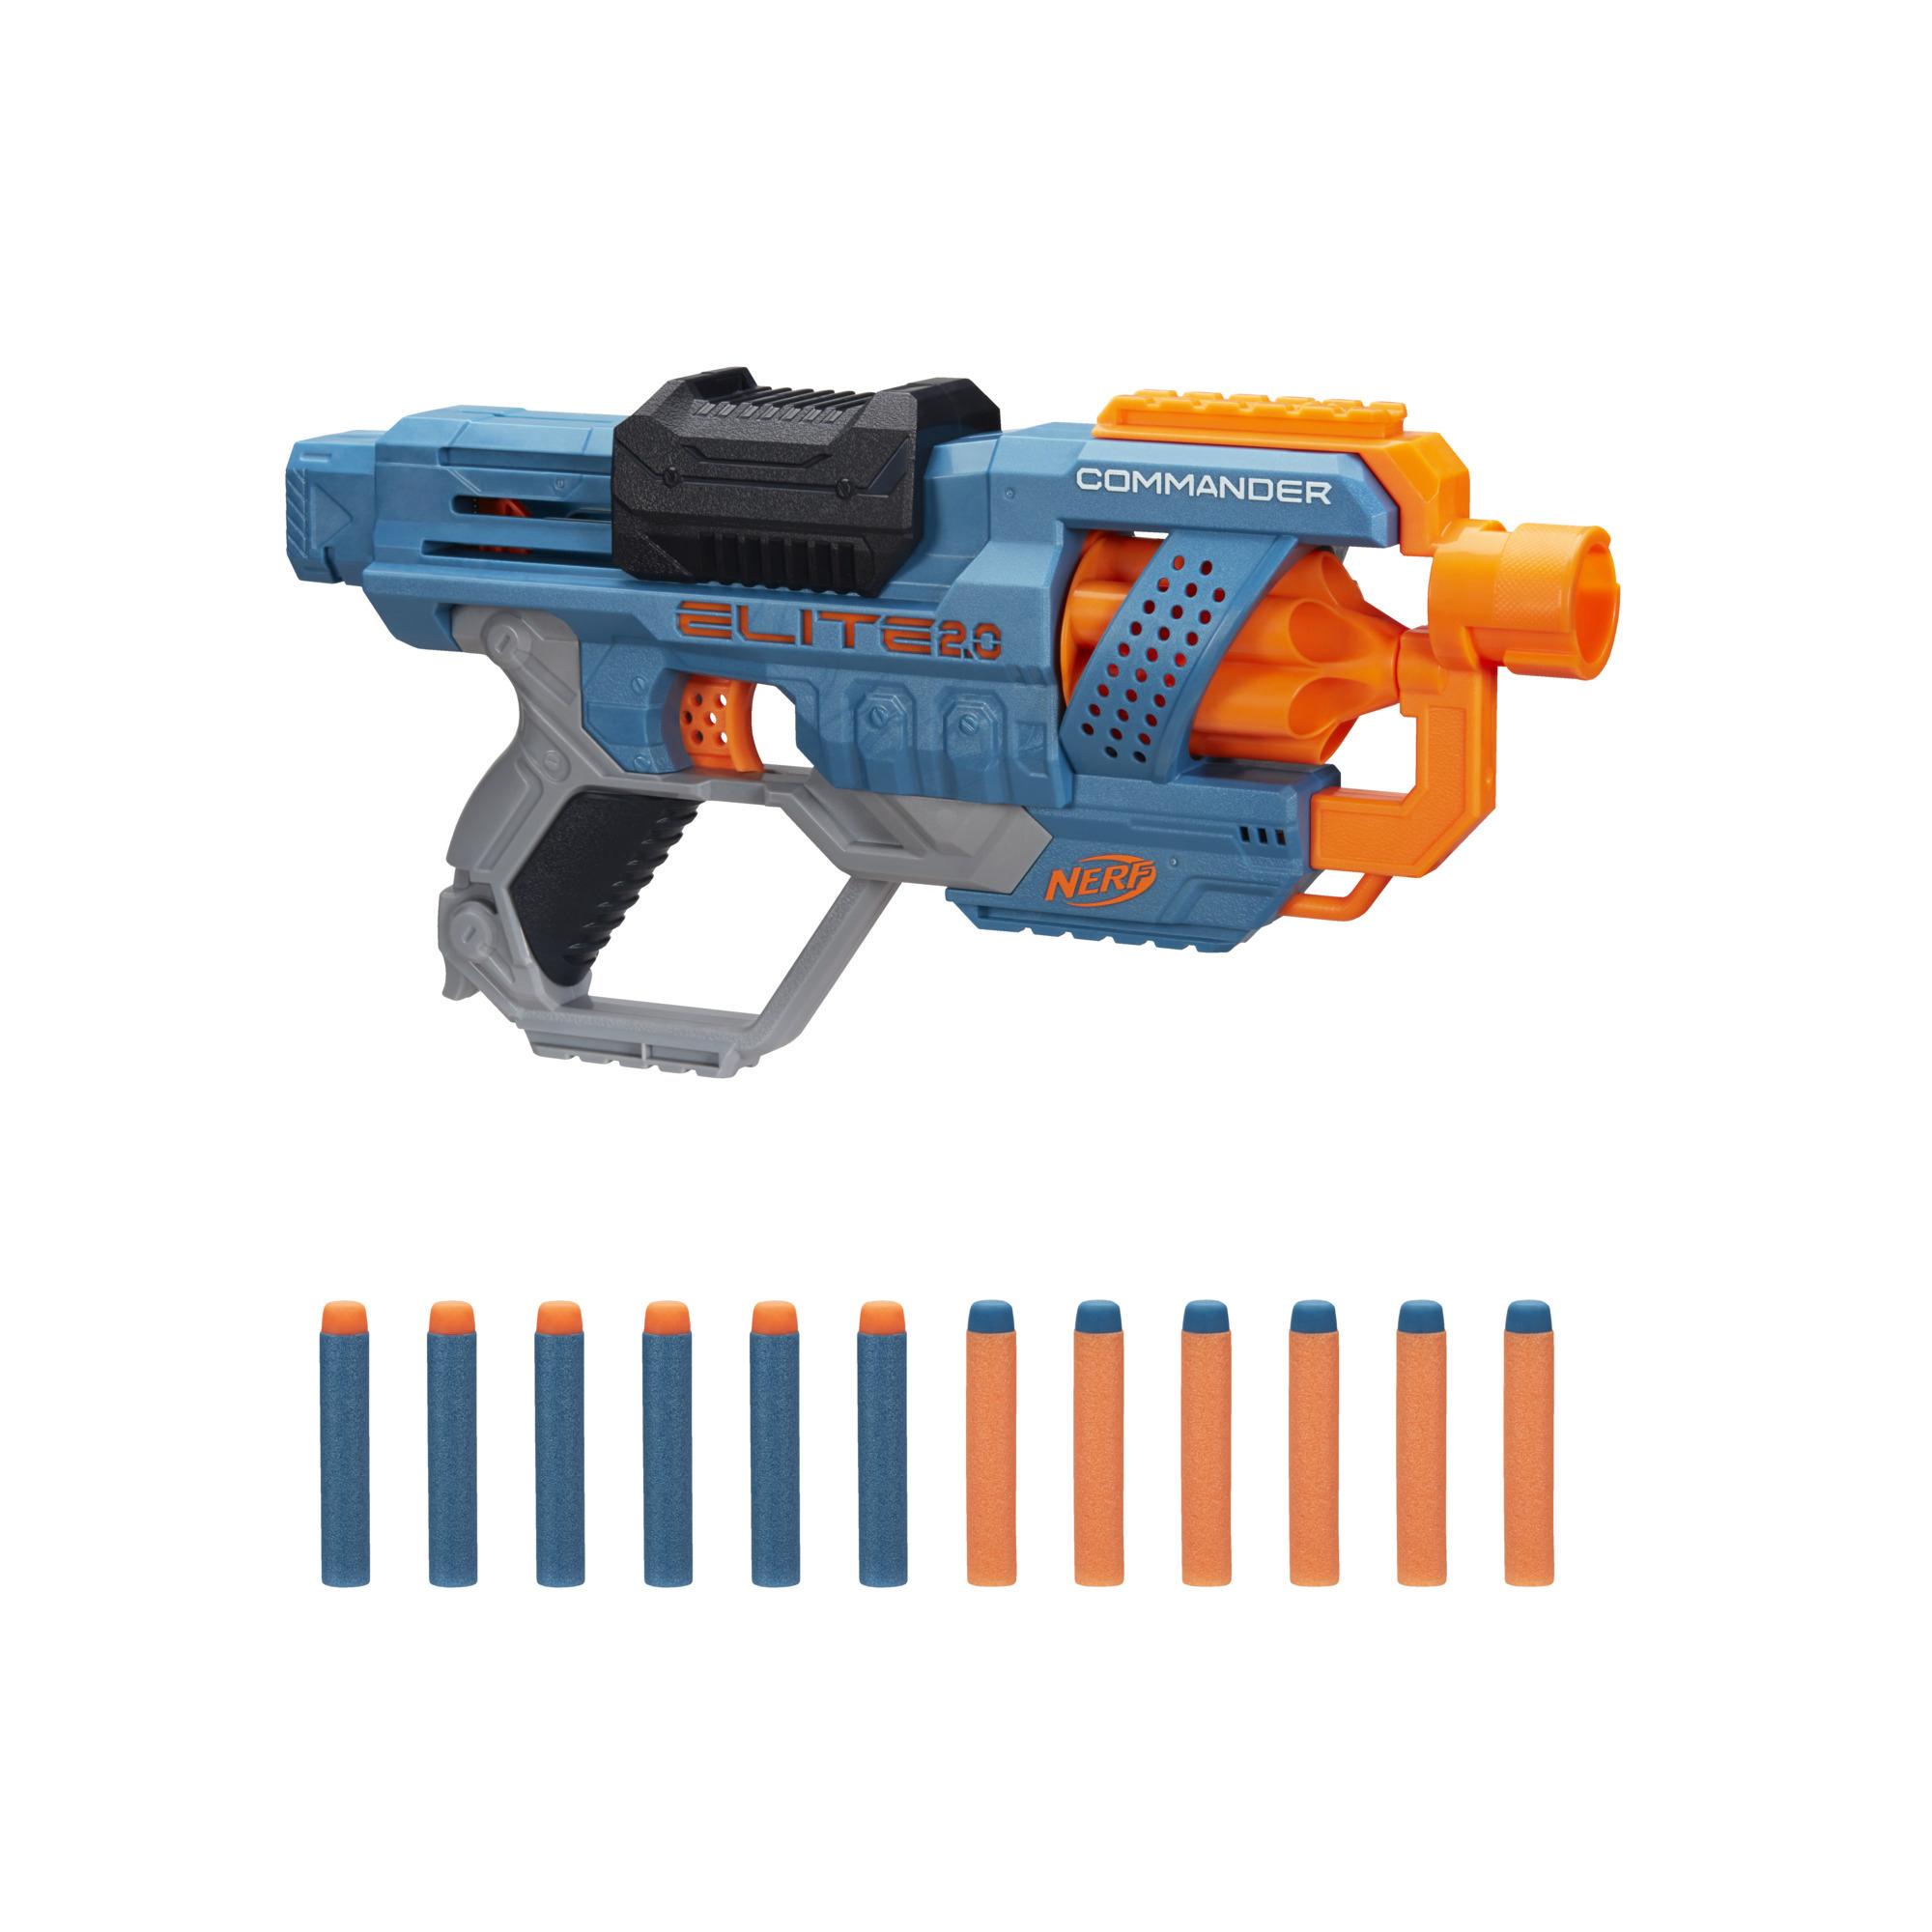 Wyrzutnia Nerf Elite 2.0 Commander RD-6, 12 oryginalnych strzałek Nerf, 6-strzałkowy magazynek obrotowy, możliwość dostosowania